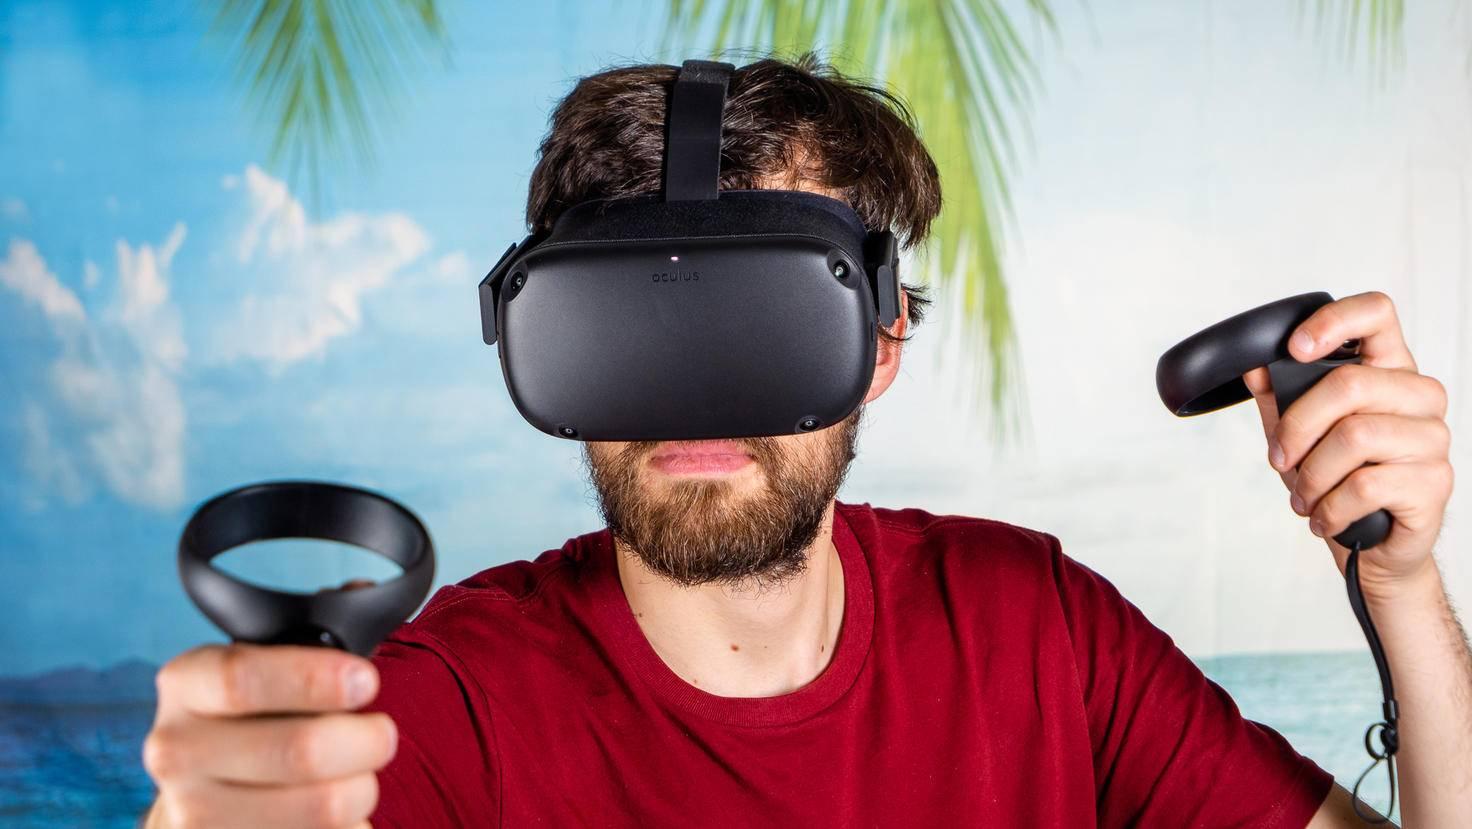 Bis VR auch von außen gut aussieht, vergeht wohl noch etwas Zeit ...